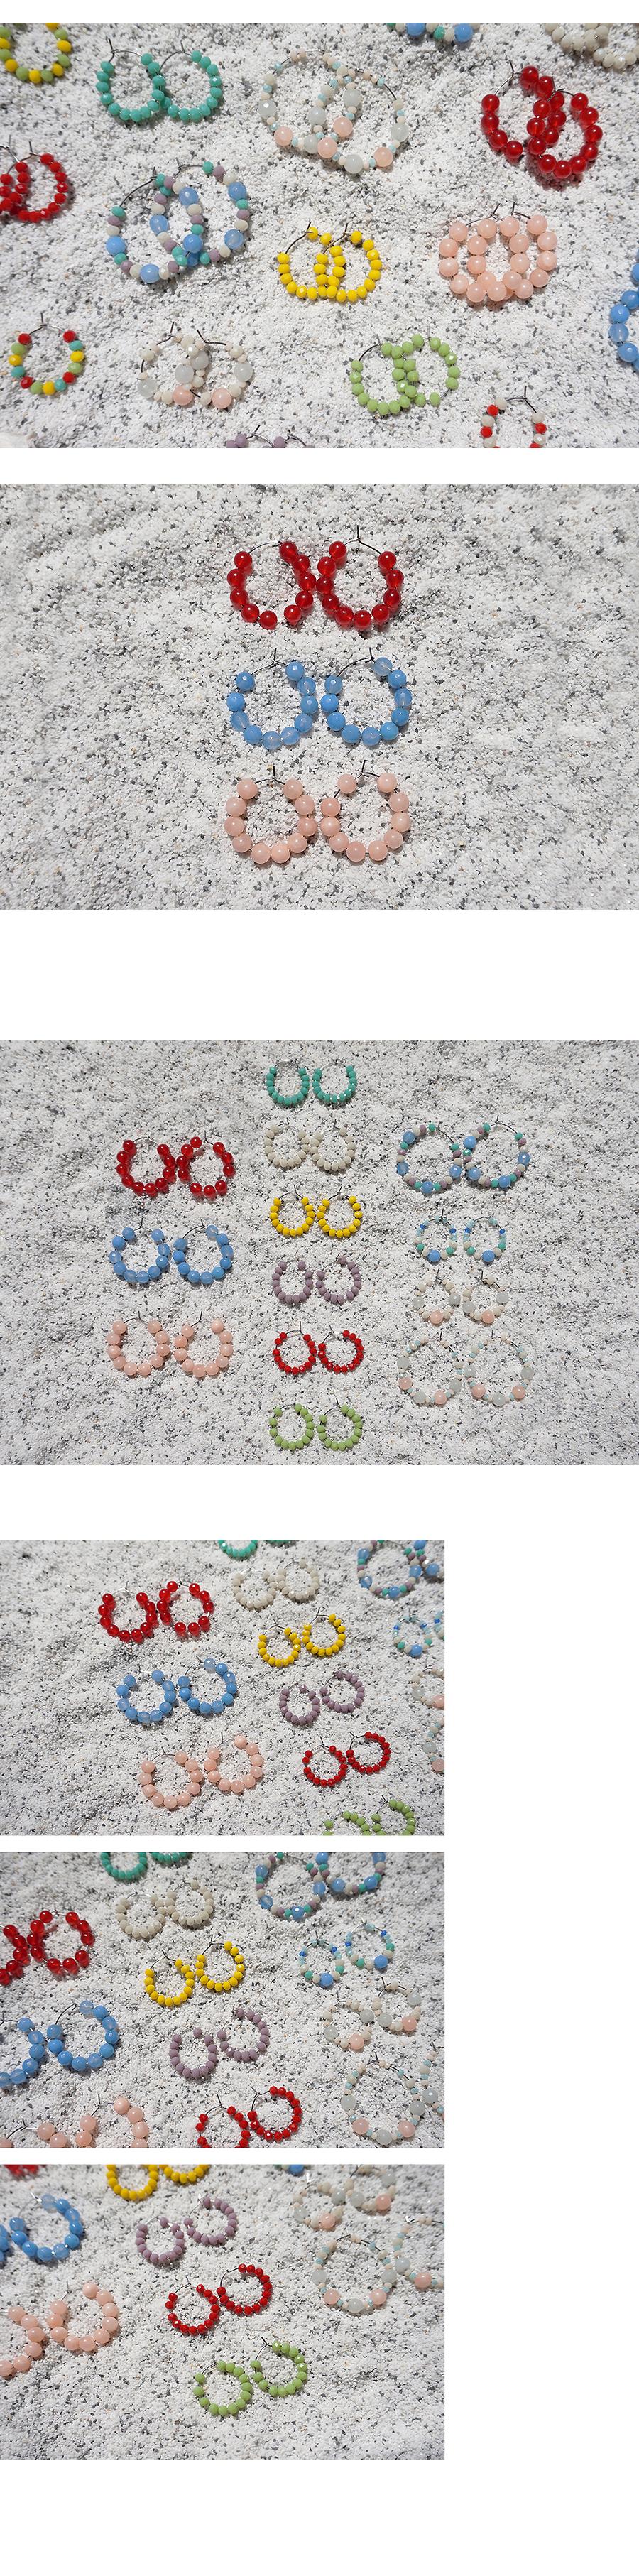 아게이트 버블 링귀걸이 (3colors) - 무디루틴, 16,000원, 진주/원석, 드롭귀걸이